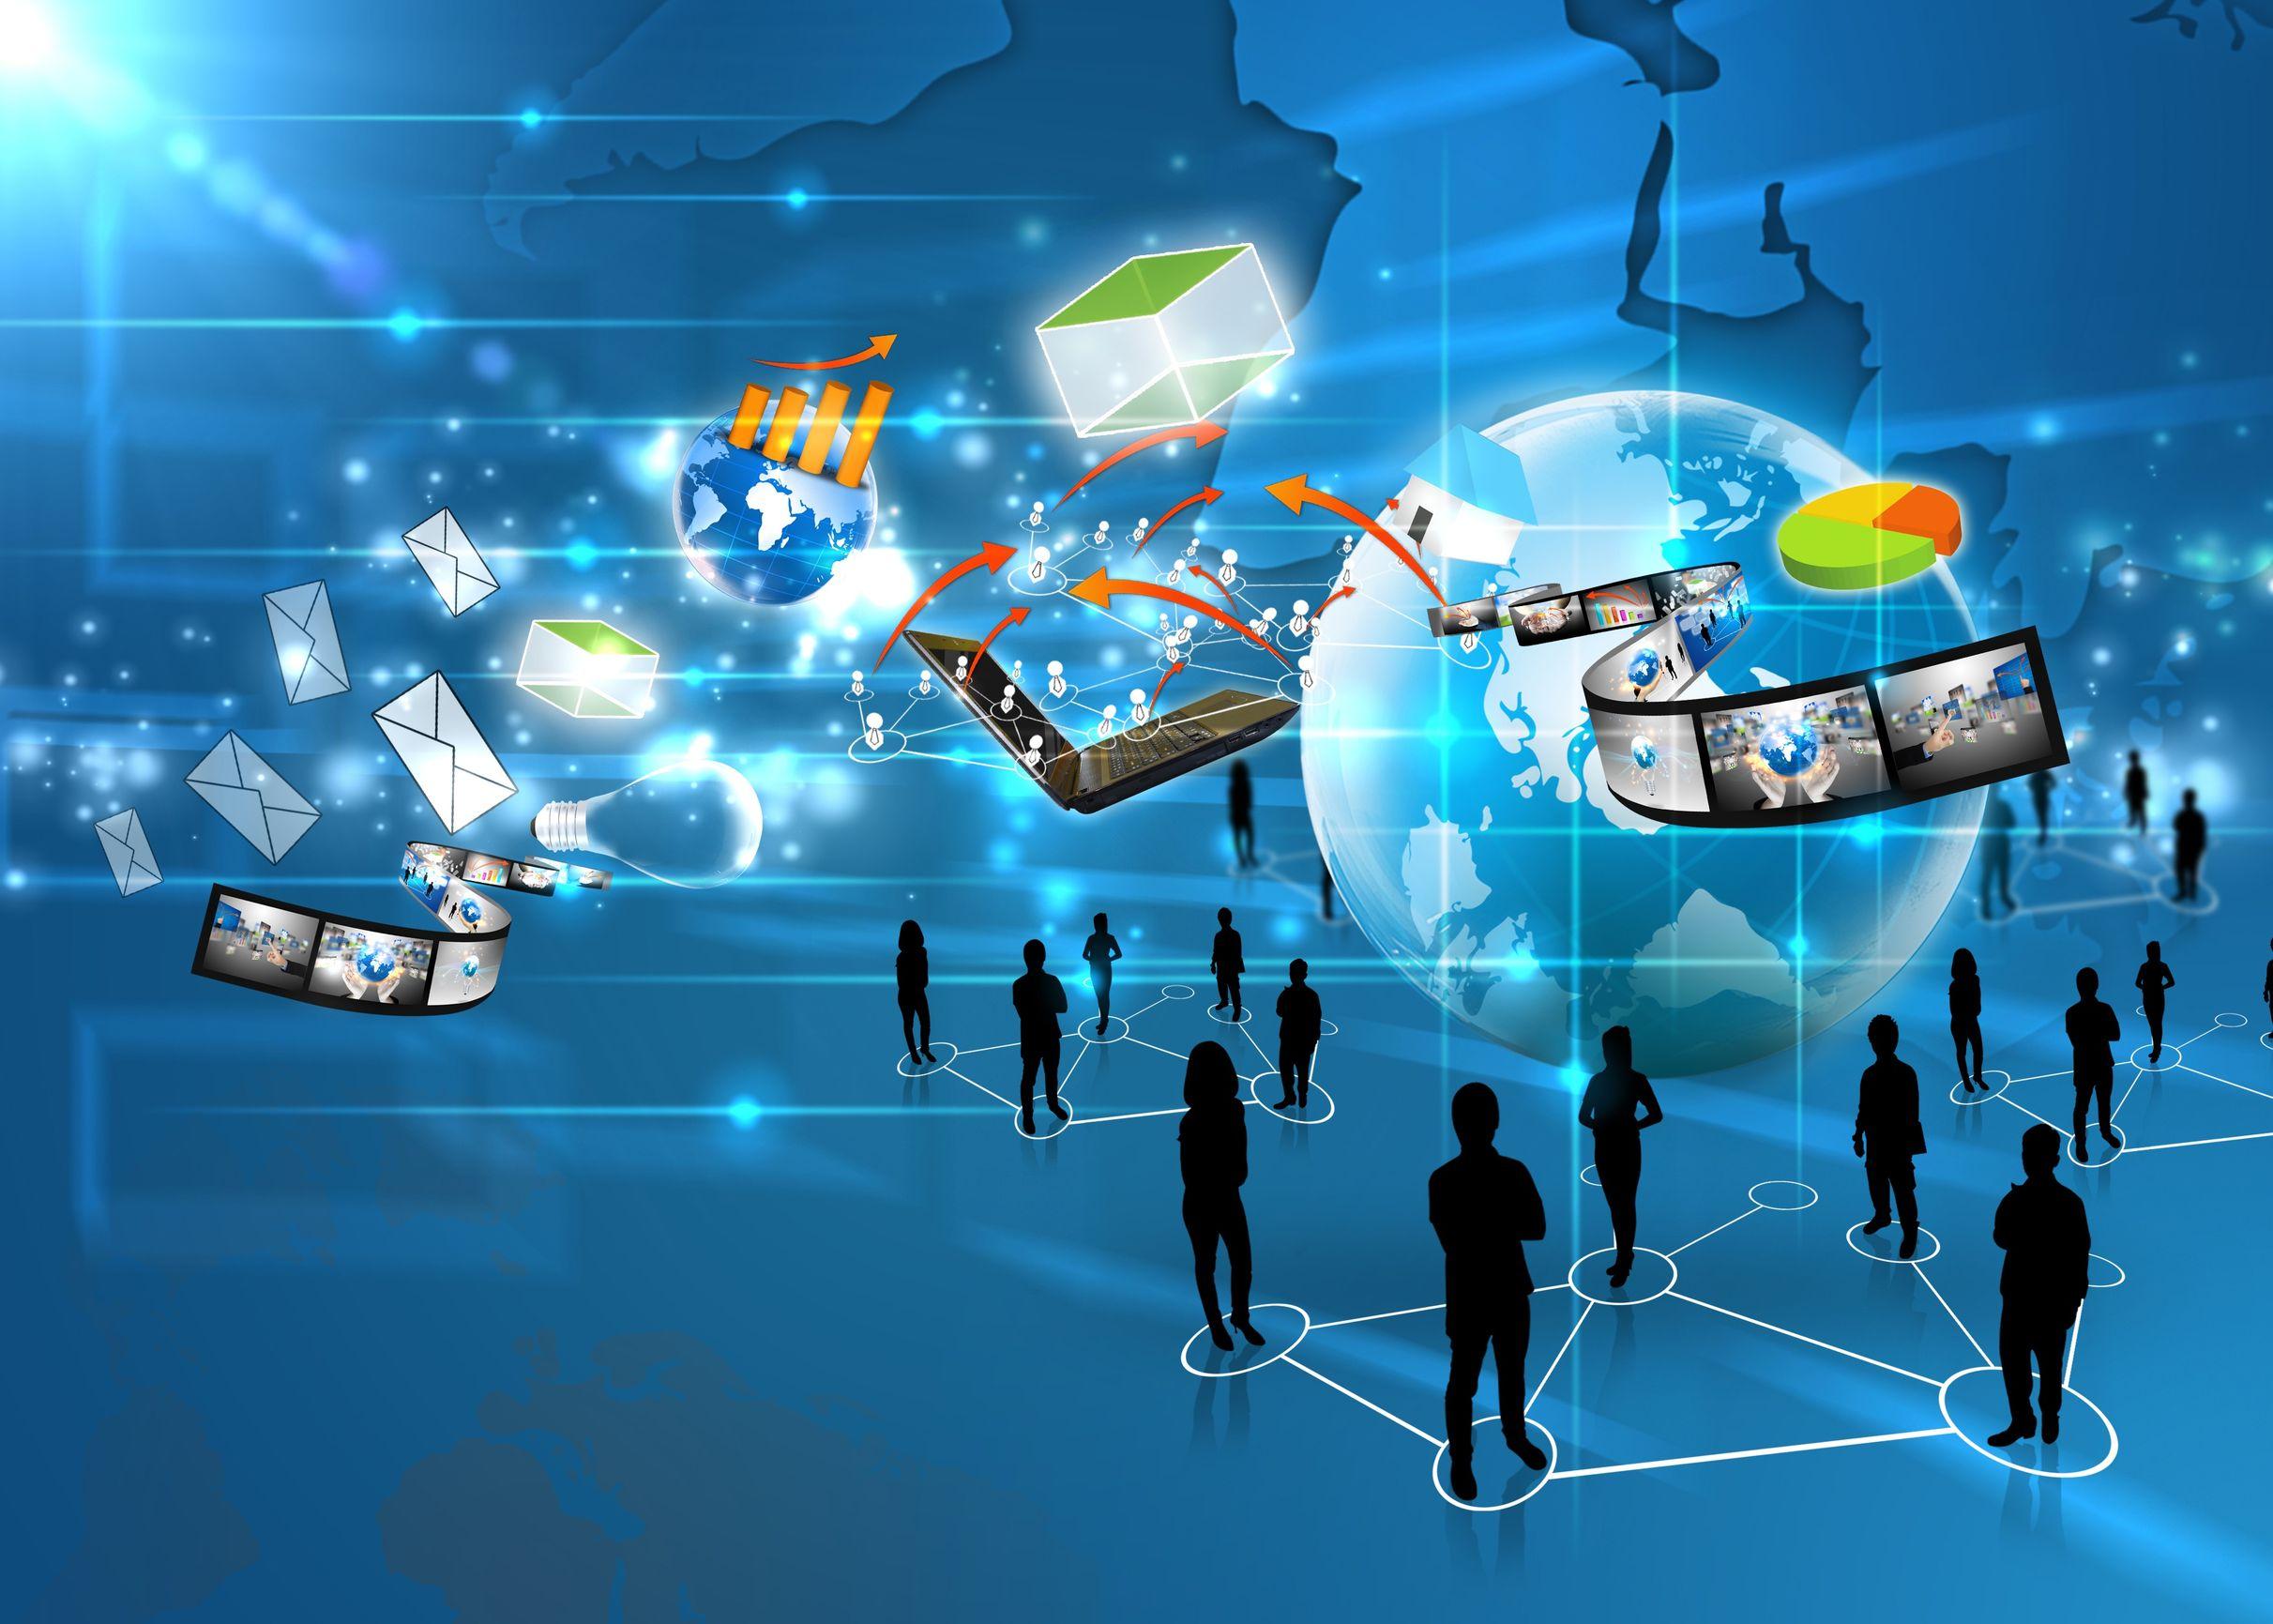 Дизайн коммуникативных технологий